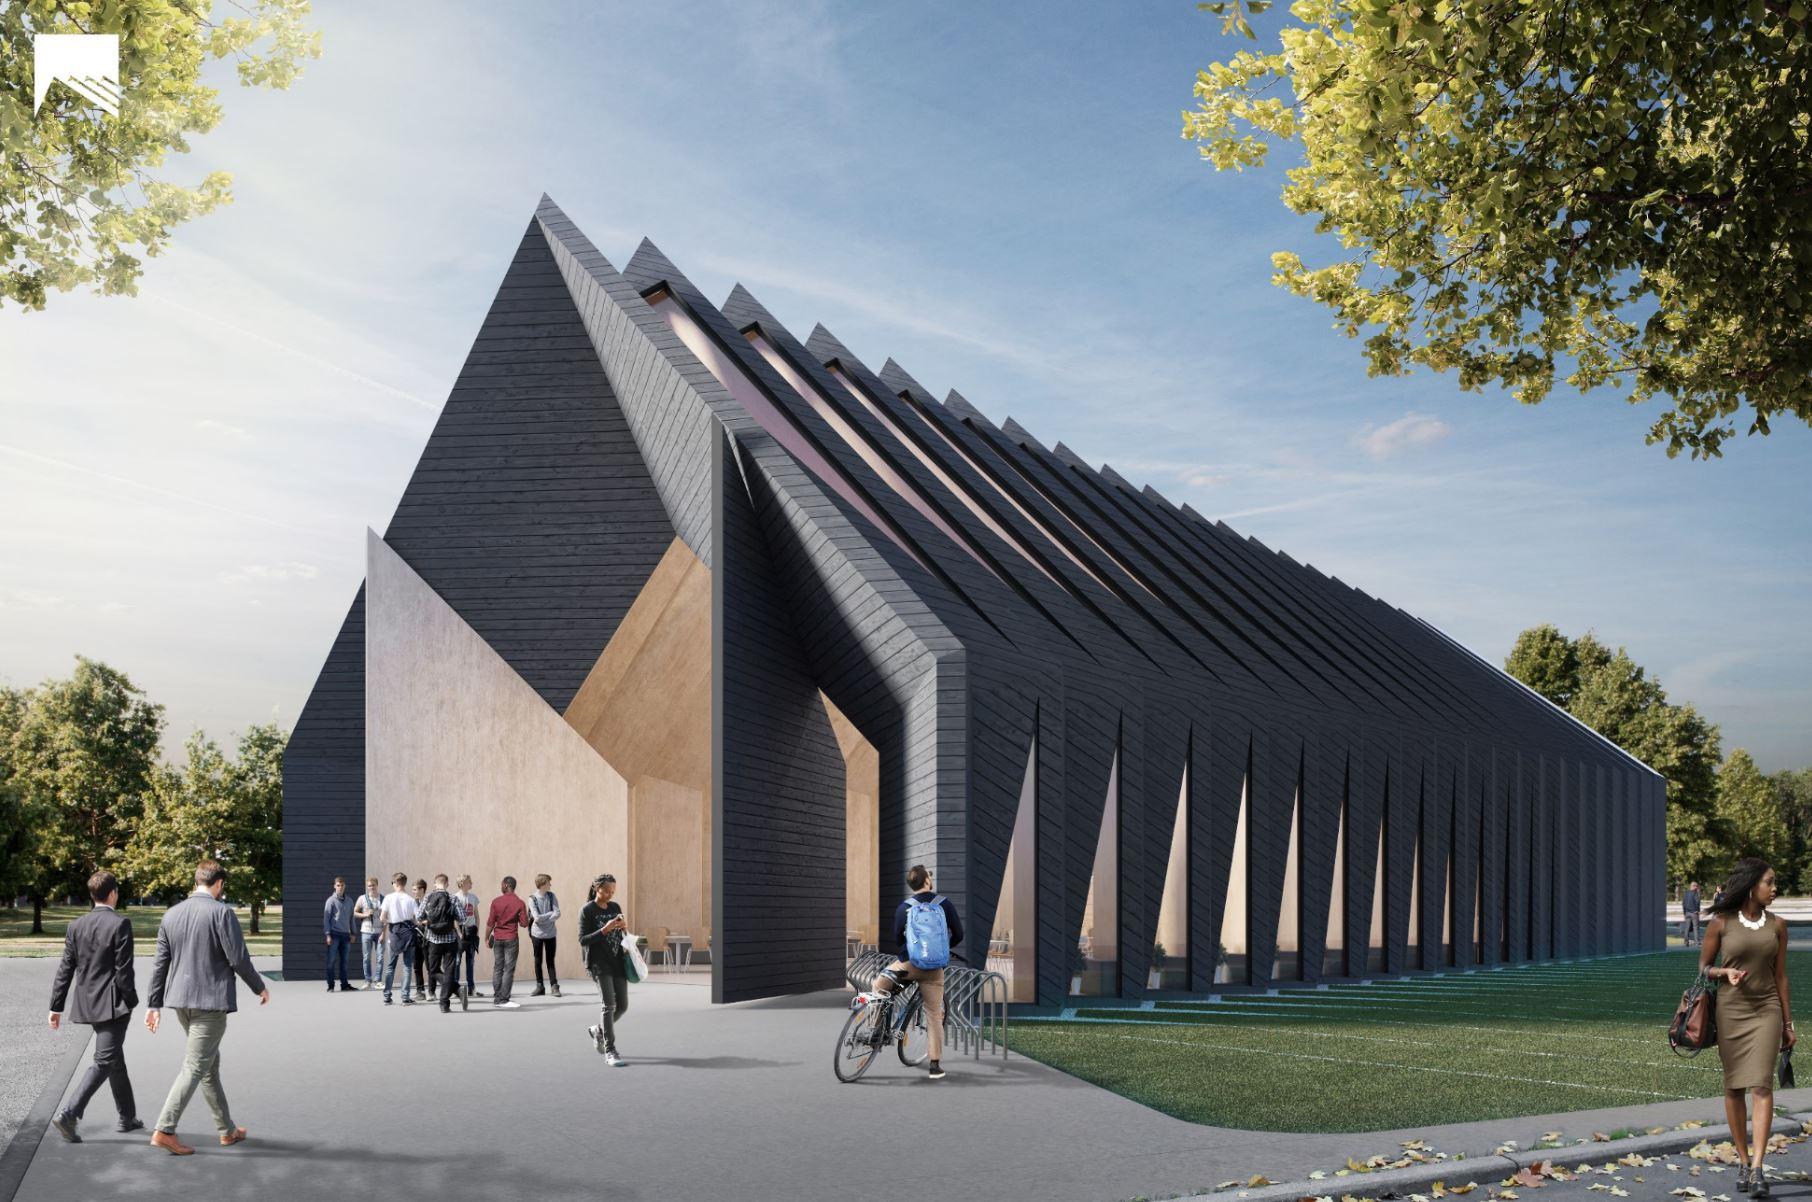 02_MIT_Mass_Timber_Design_Longhouse_Exterior_02.JPG